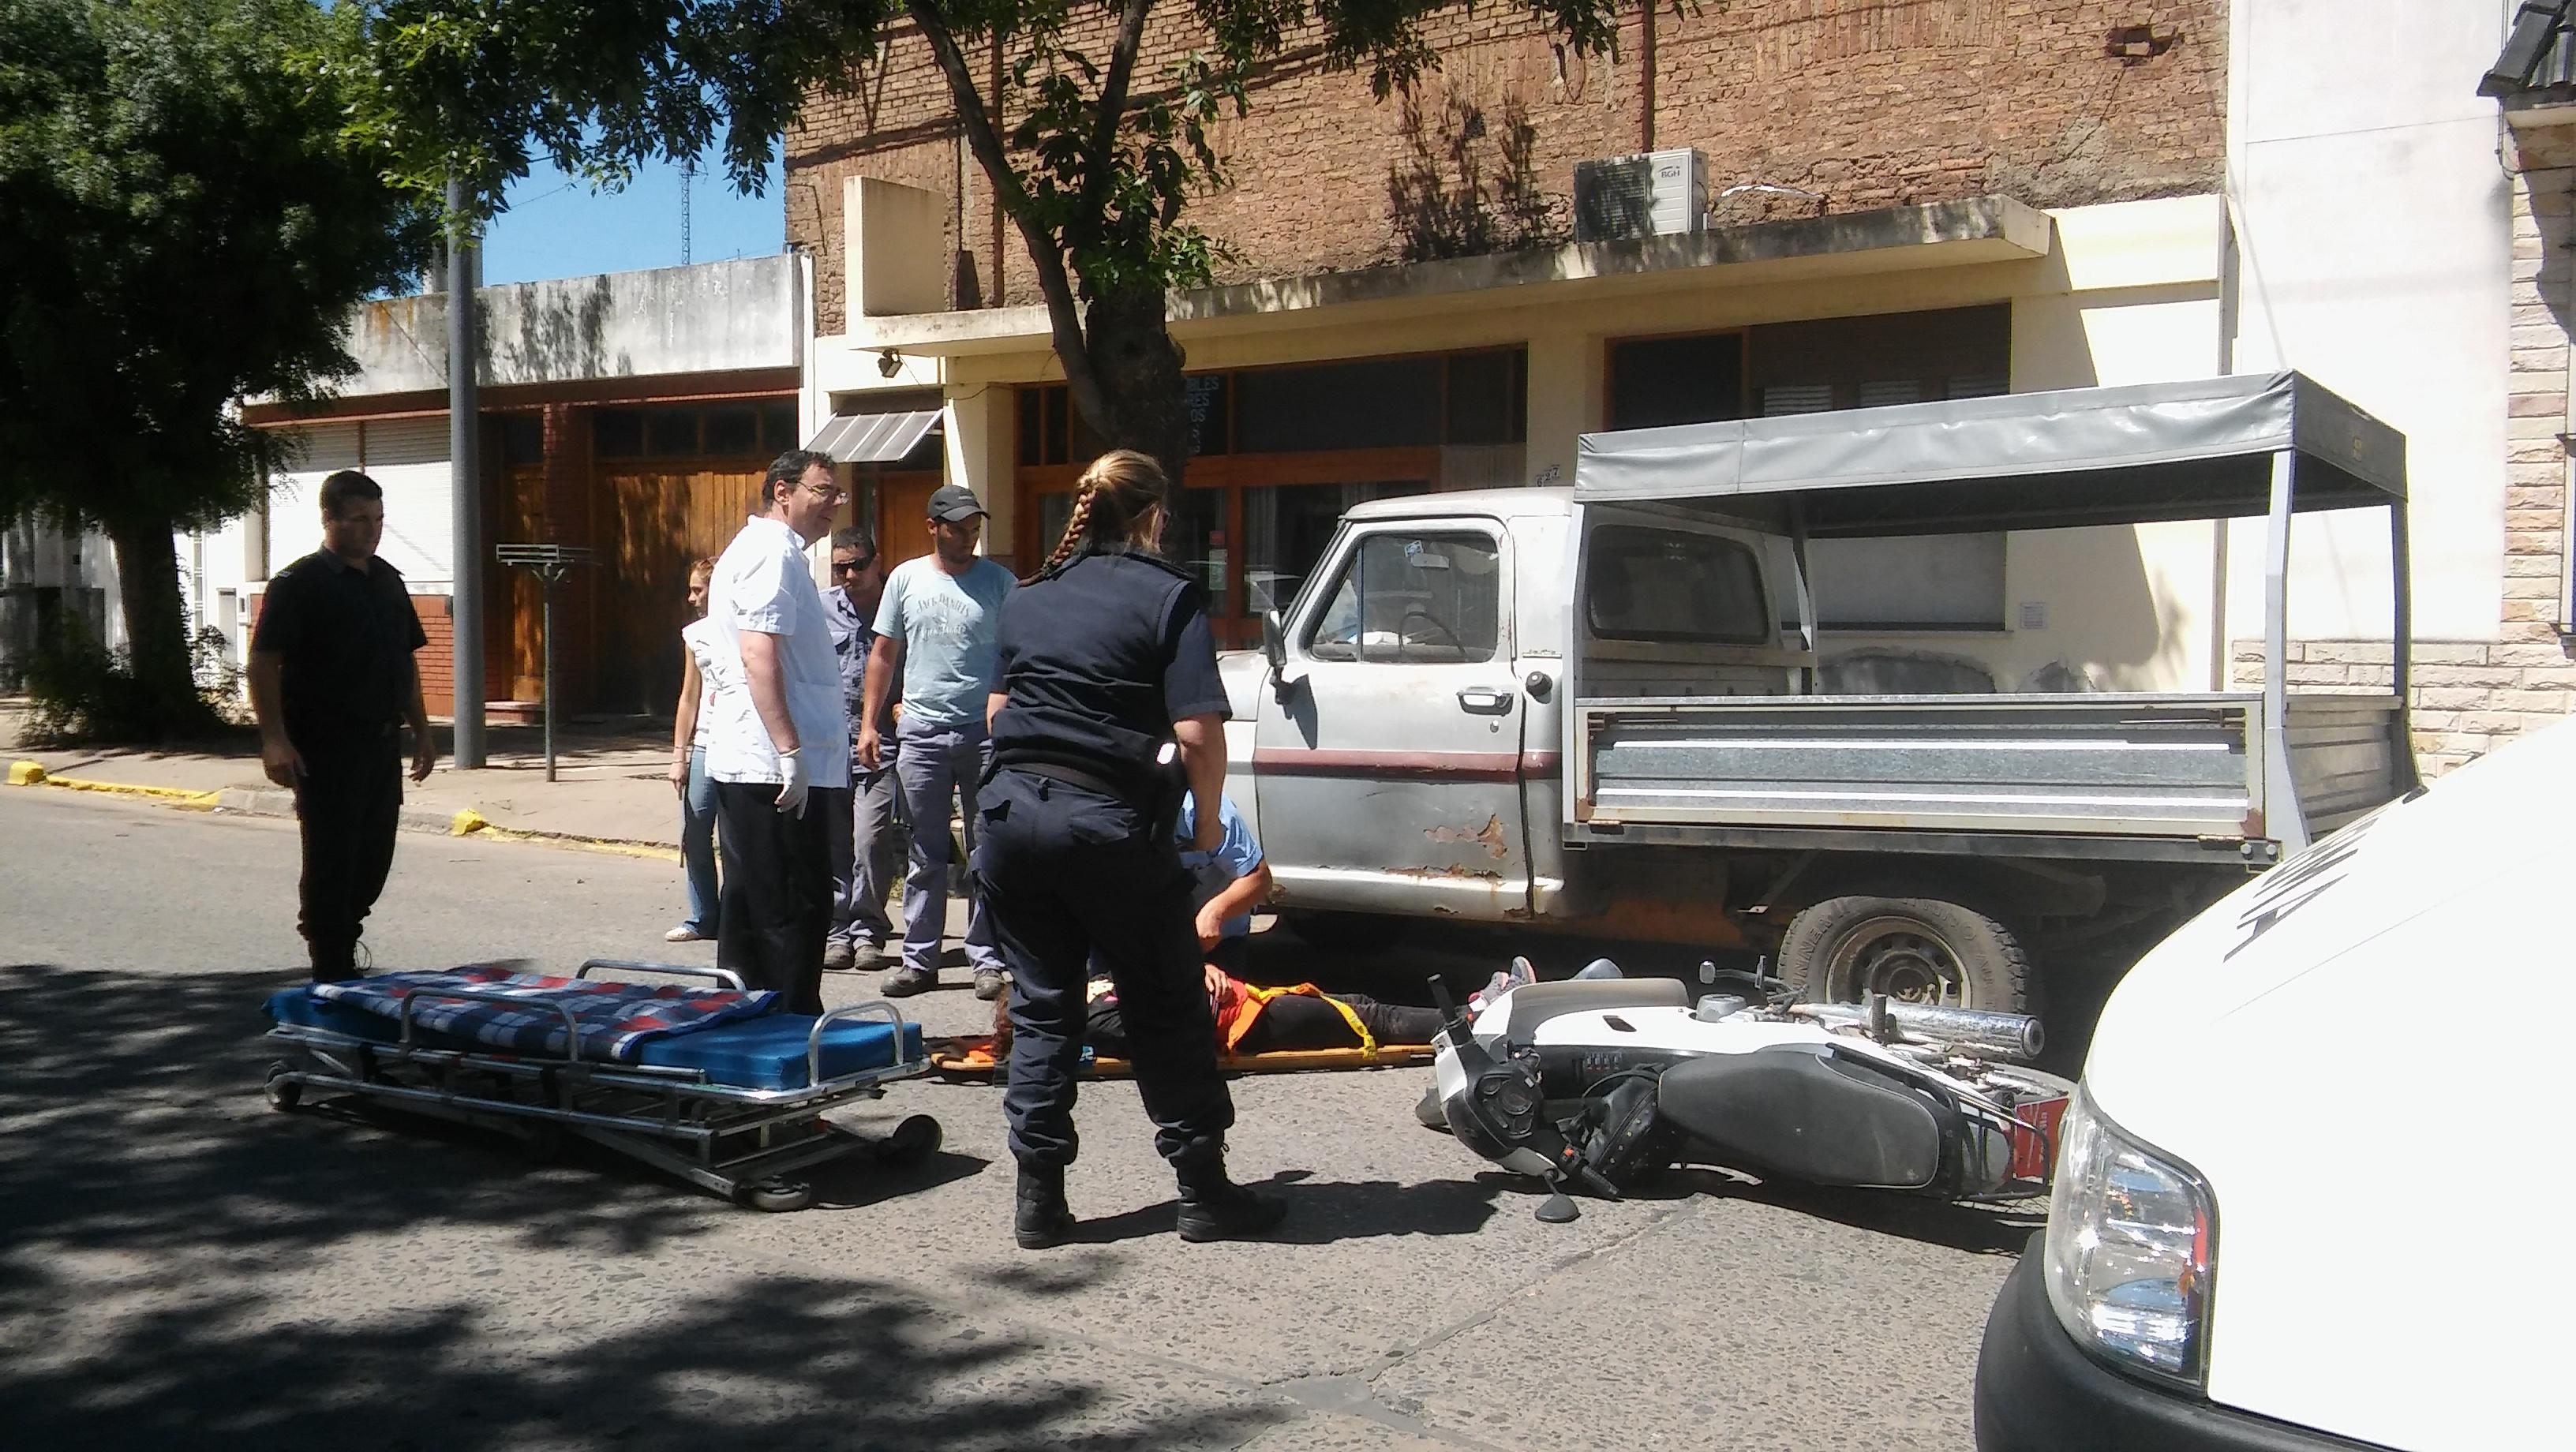 En la mañana de este jueves 16 de noviembre, alrededor de las 11.15, una mujer que conducía una motocicleta sufrió una caída en plena Avenida 25 de Mayo en sentido hacia la Plaza San Martín, entre las calles Solís y Avellaneda.